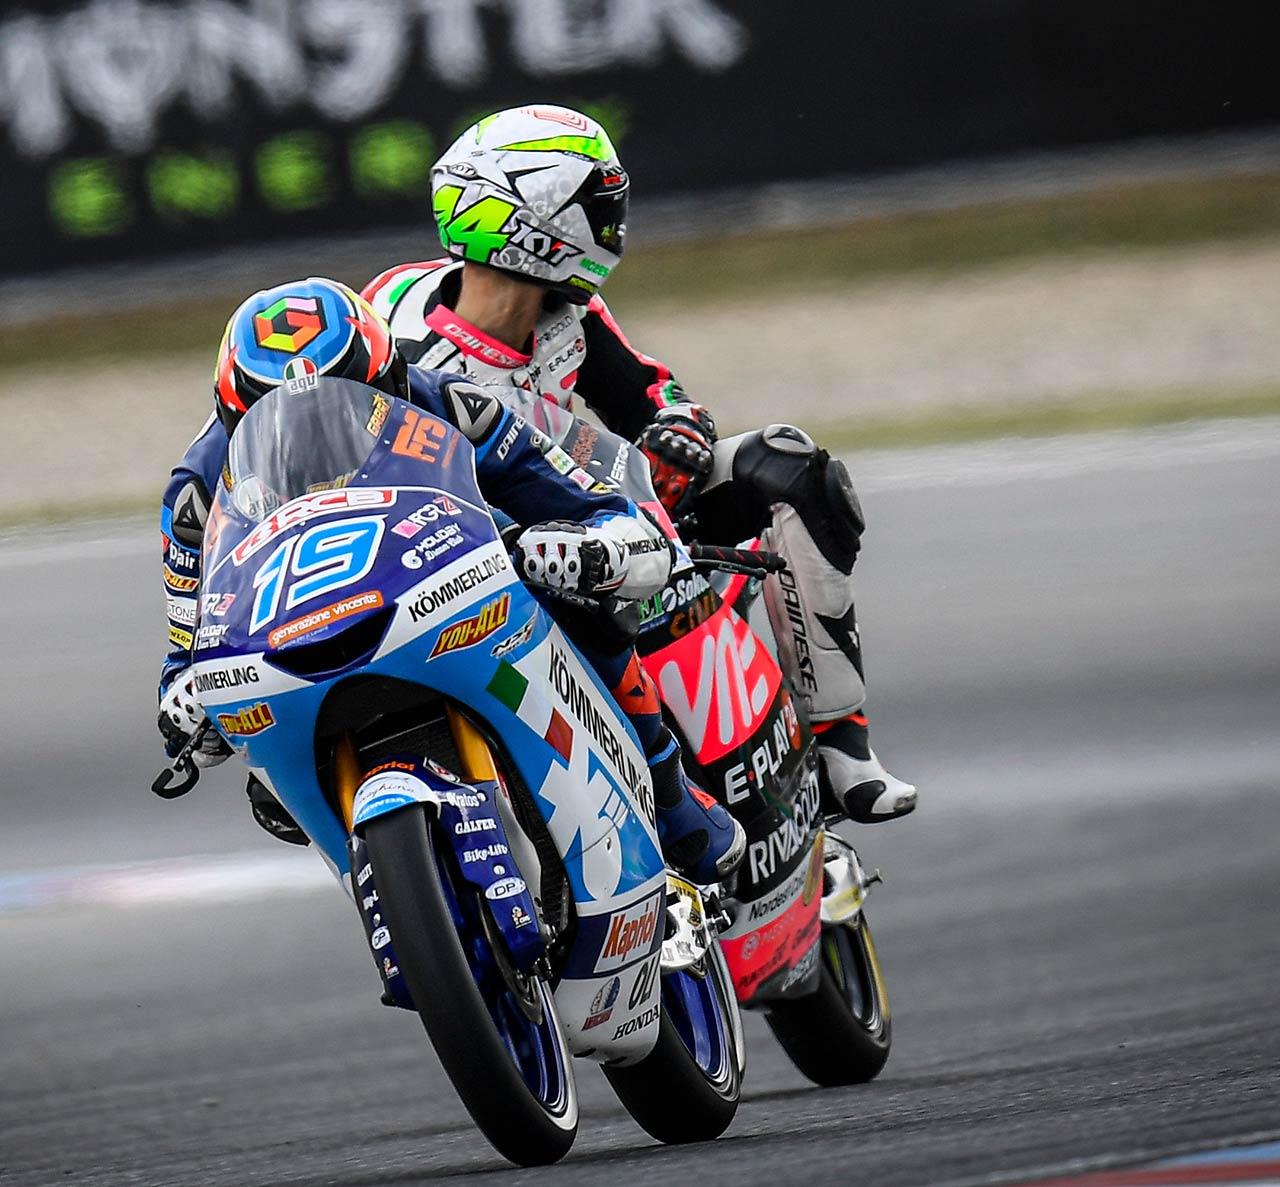 MotoGP Round Brno Fri Moto Rodrigo